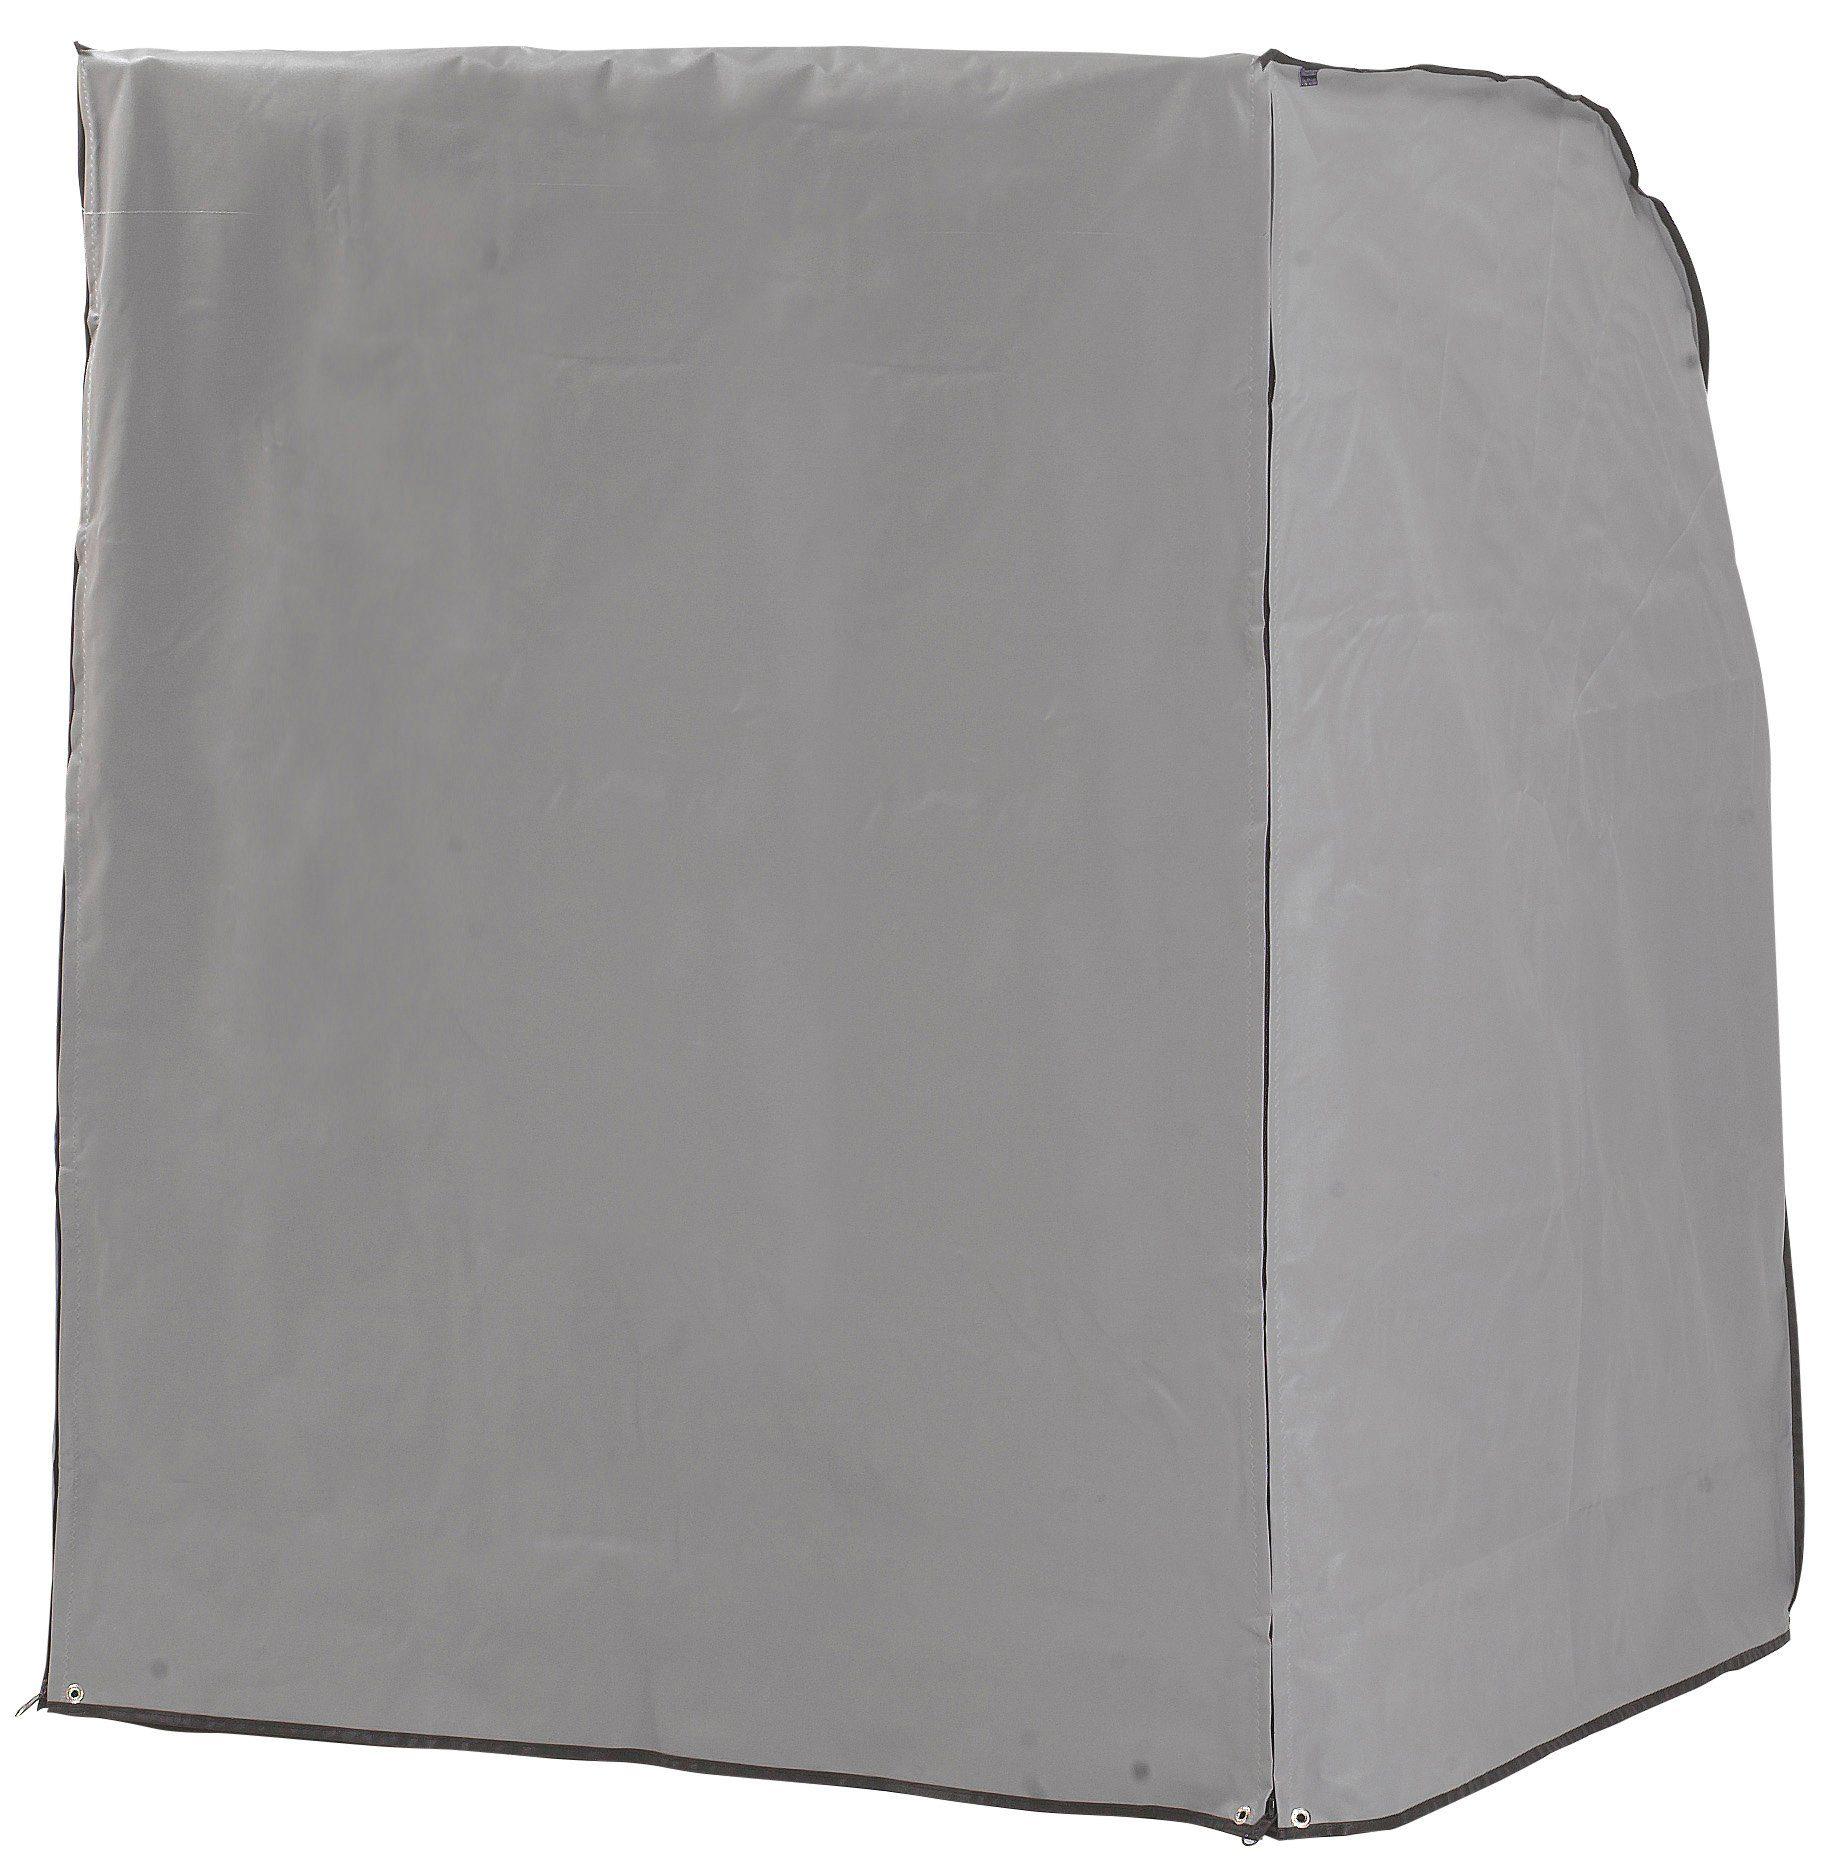 Schutzhülle, für Strandkörbe, B/T/H: 125/114/154 cm, steingrau